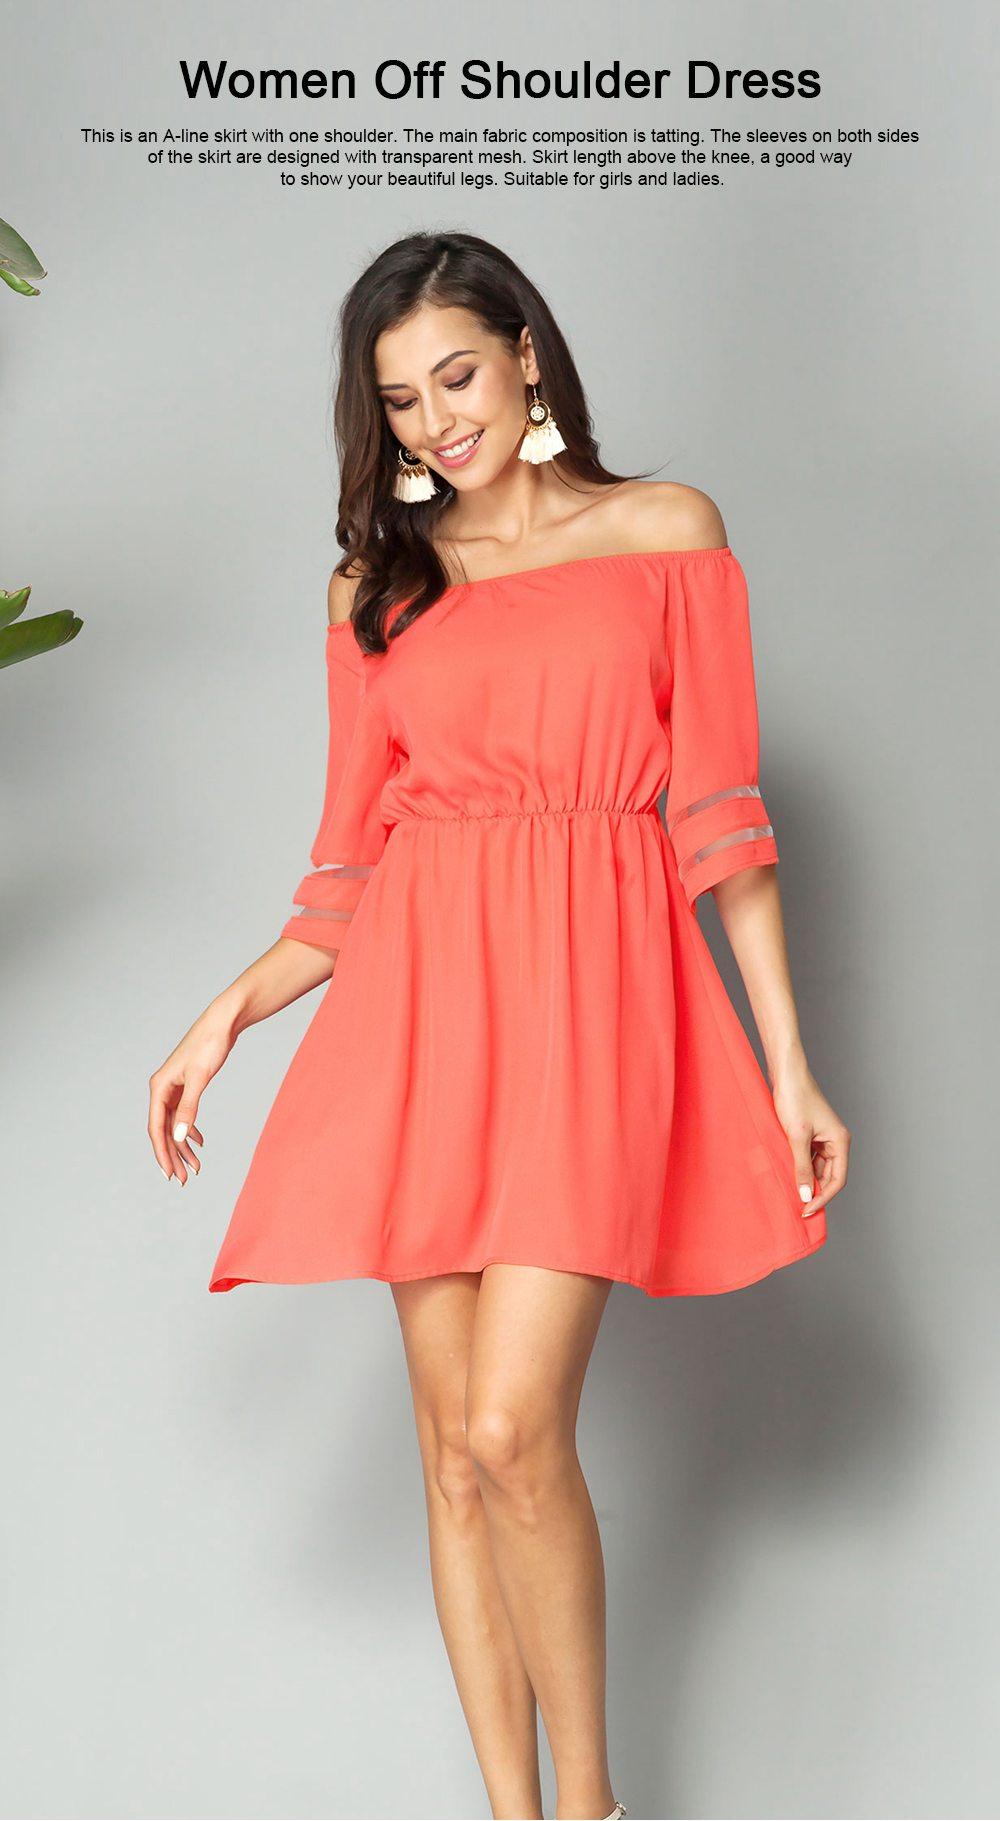 Women Off Shoulder Dress with Tight Waist, Medium Sleeves Dress, A Line Skirt Knee Skirt 0